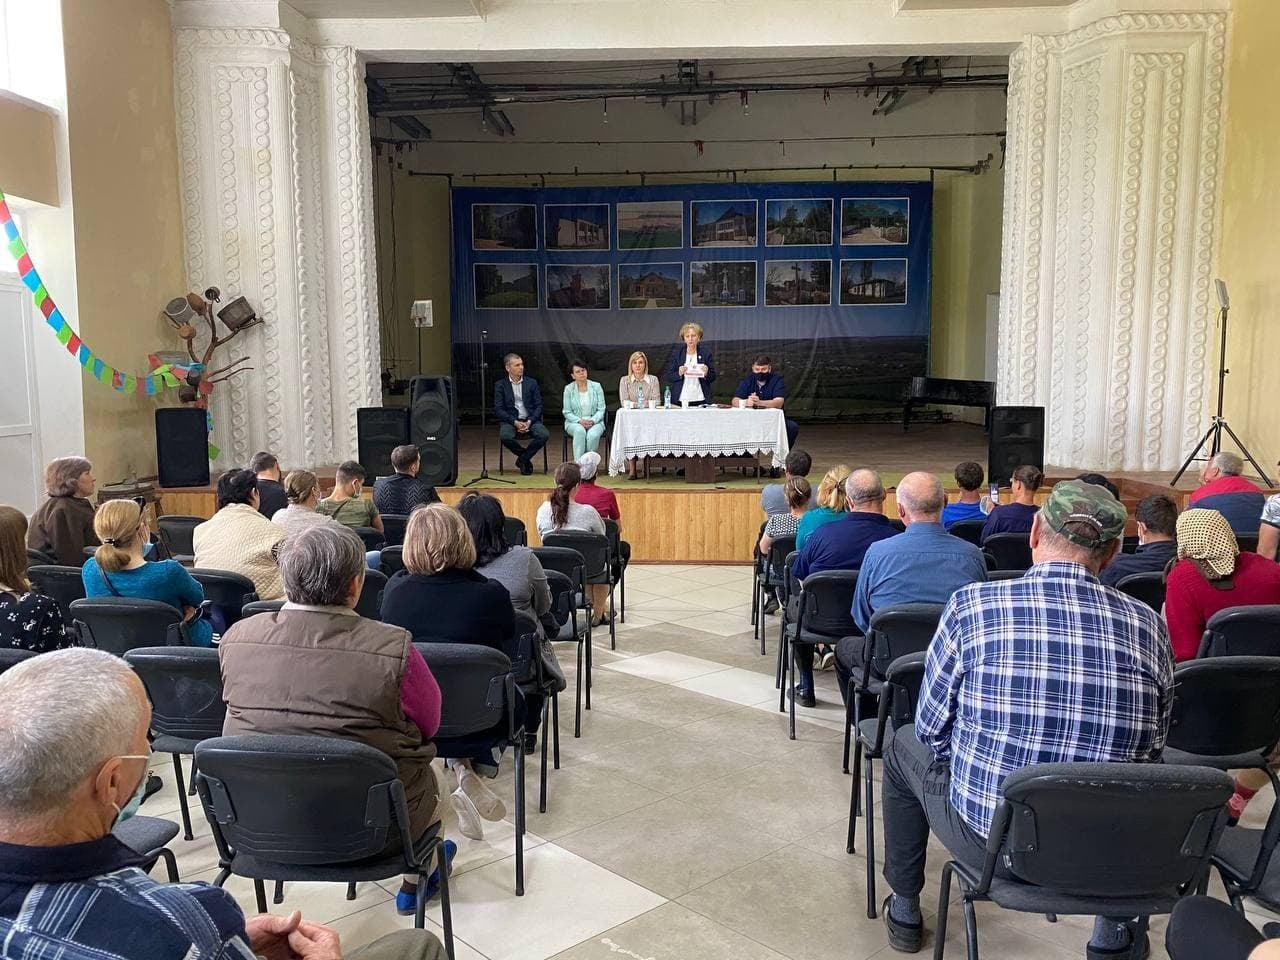 Зинаида Гречаный: Блок коммунистов и социалистов сможет продолжить решение проблем населённых пунктов страны